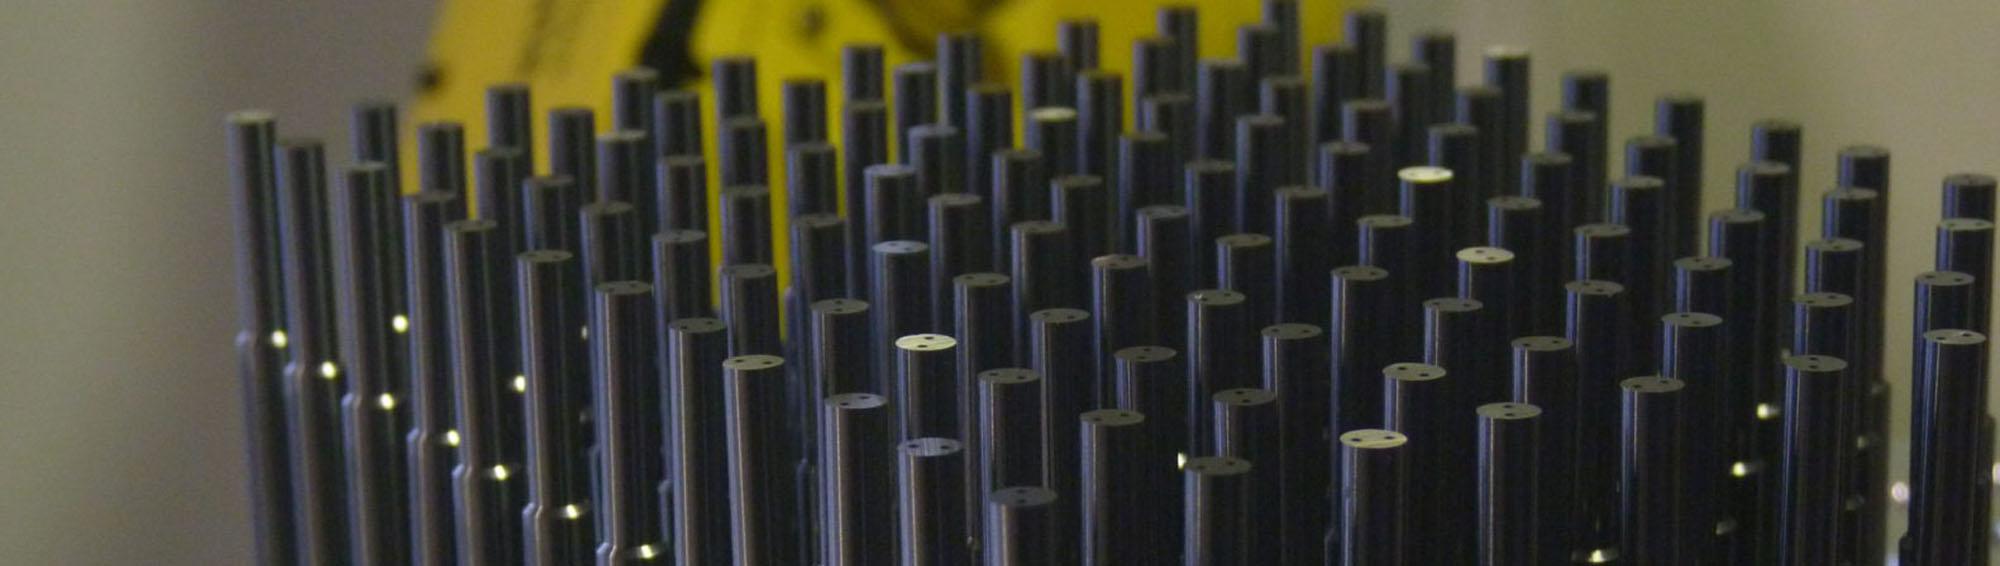 outil usinage pour les machines outils de coupe bois et métal